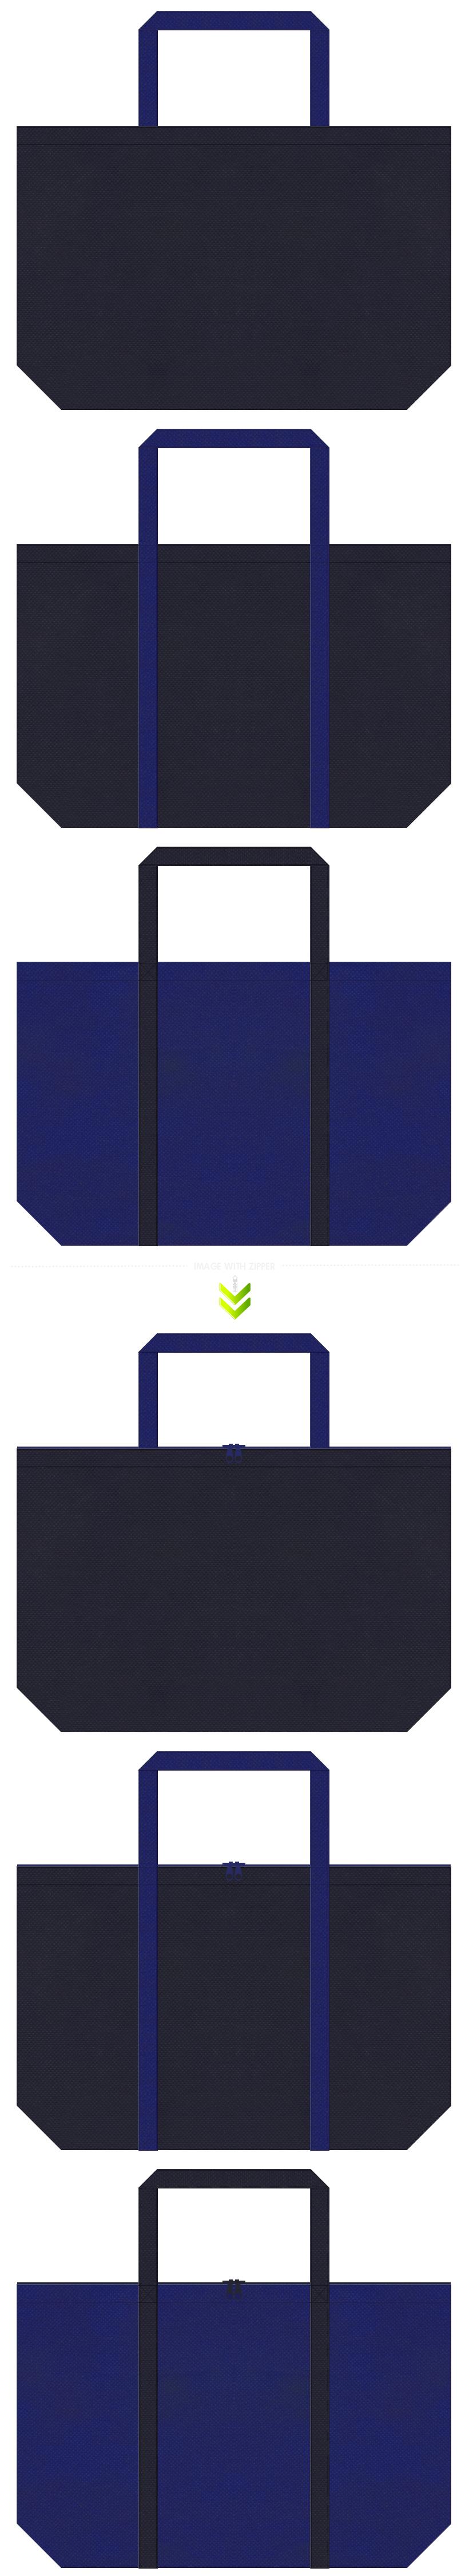 濃紺色と明るい紺色の不織布エコバッグのデザイン。天体観測・プラネタリウム・アクアリウム・ダイビングショップのノベルティにお奨めです。